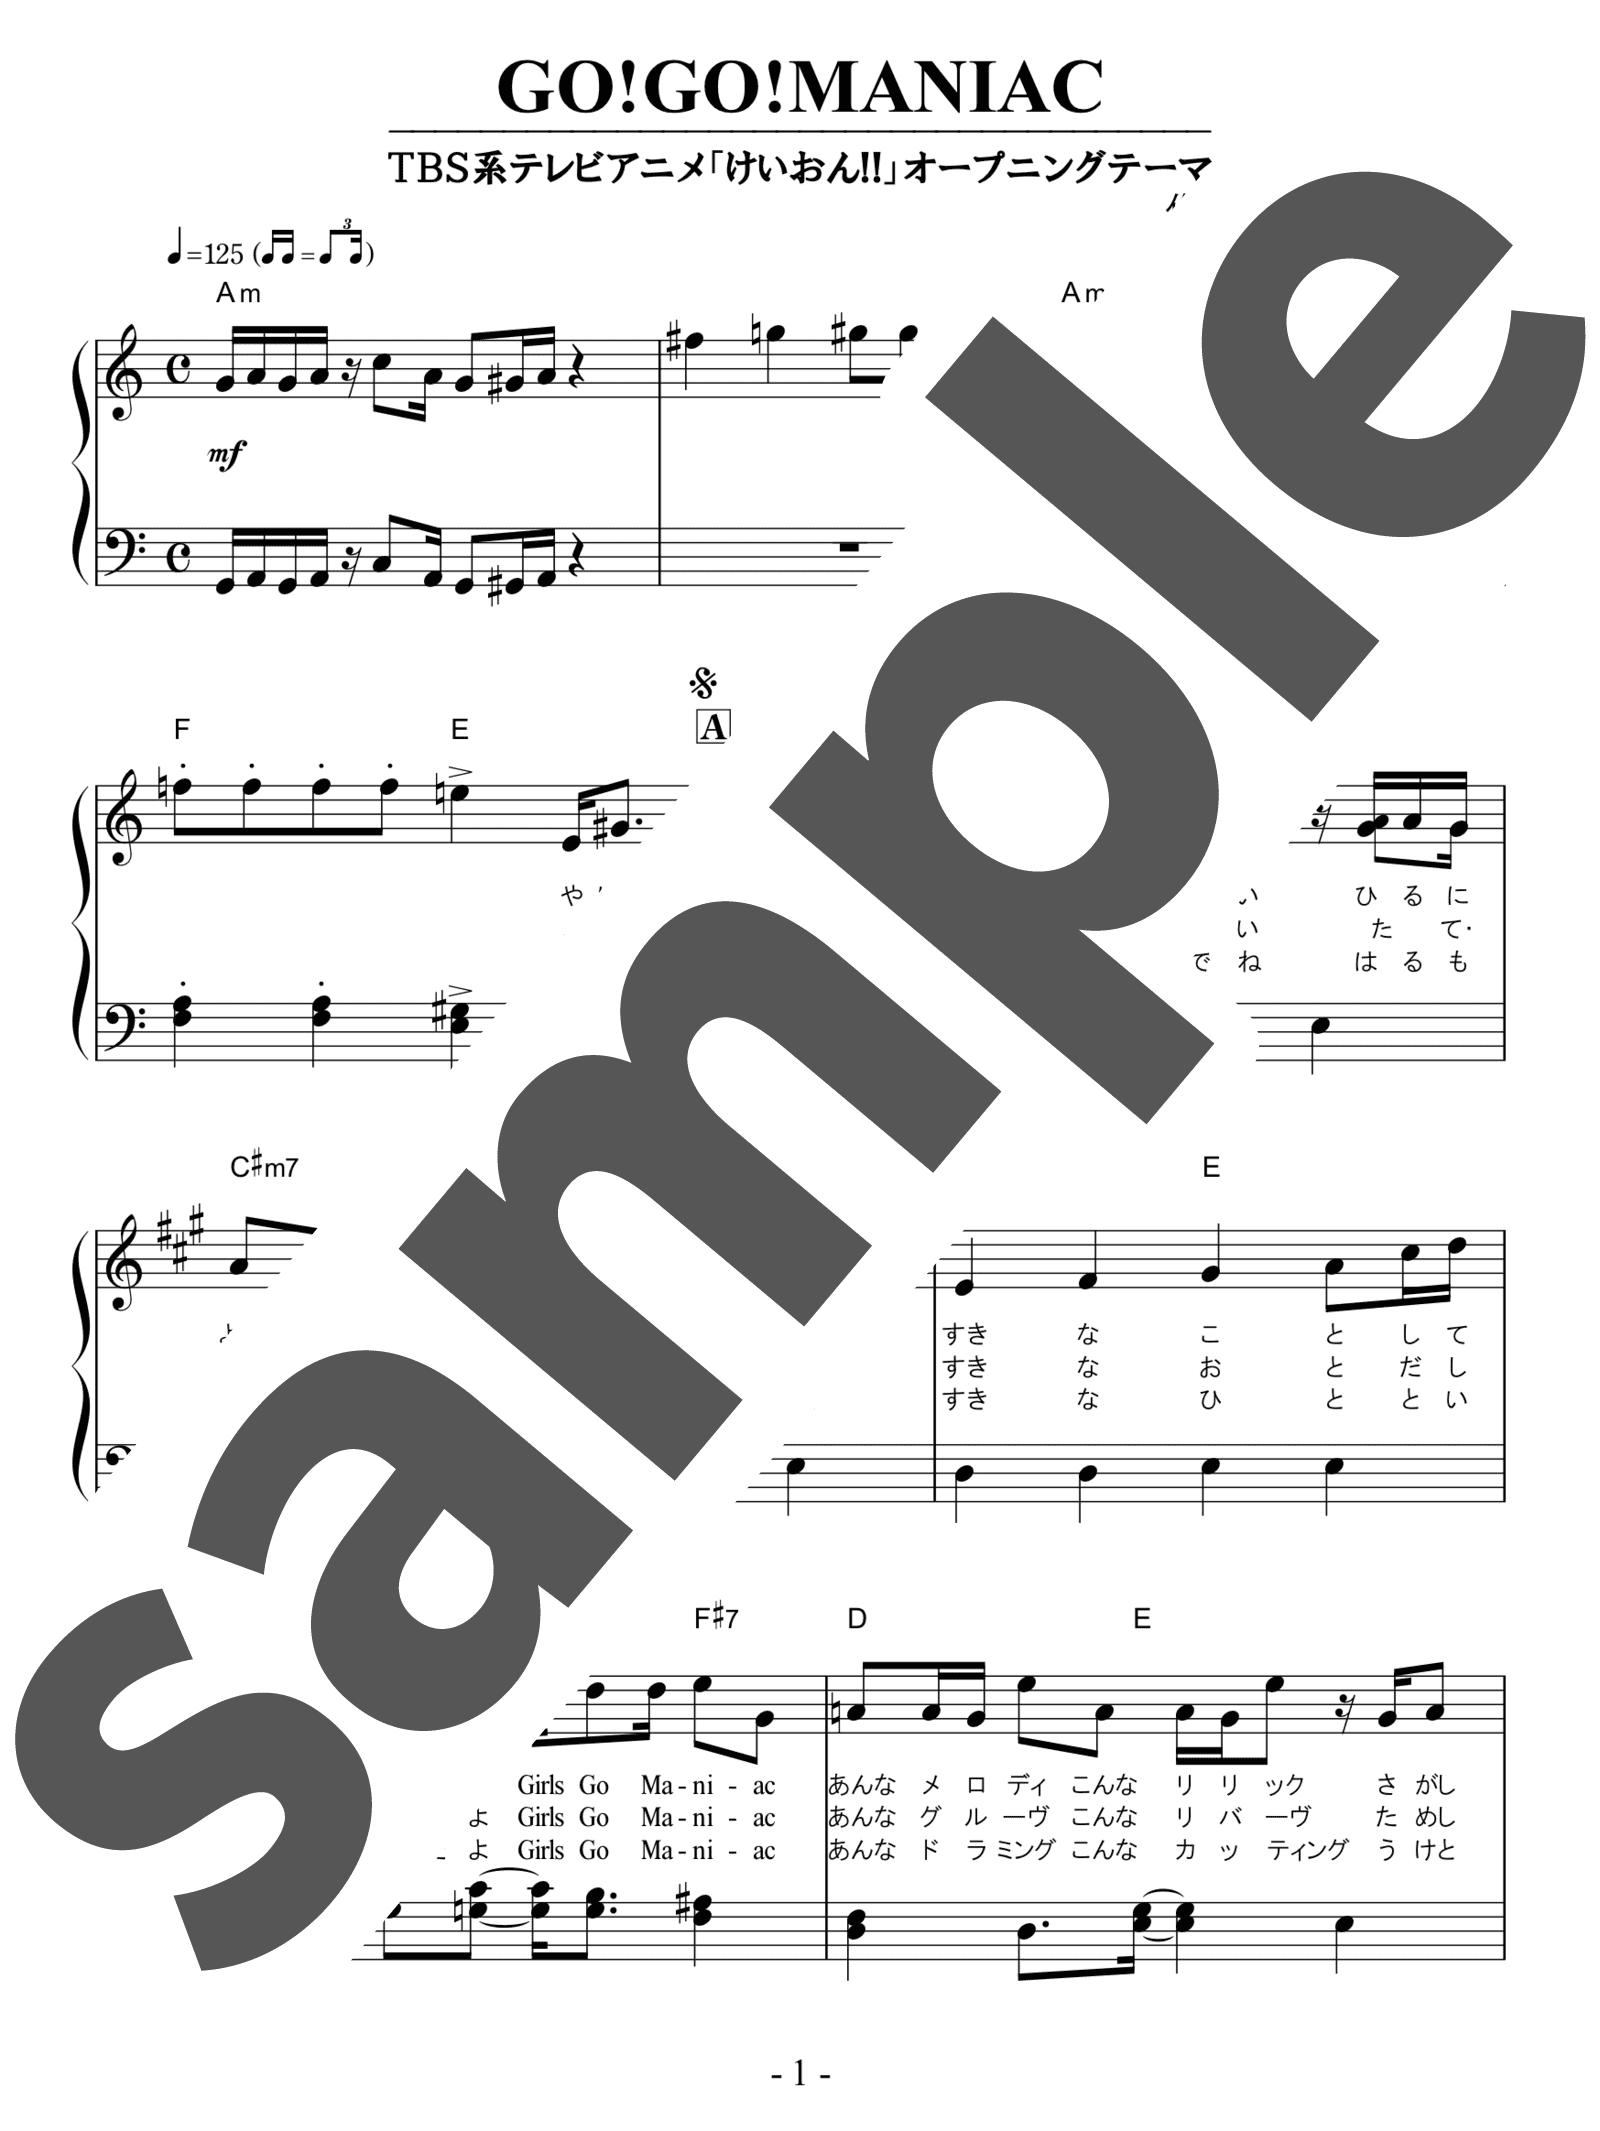 「GO!GO!MANIAC」のサンプル楽譜